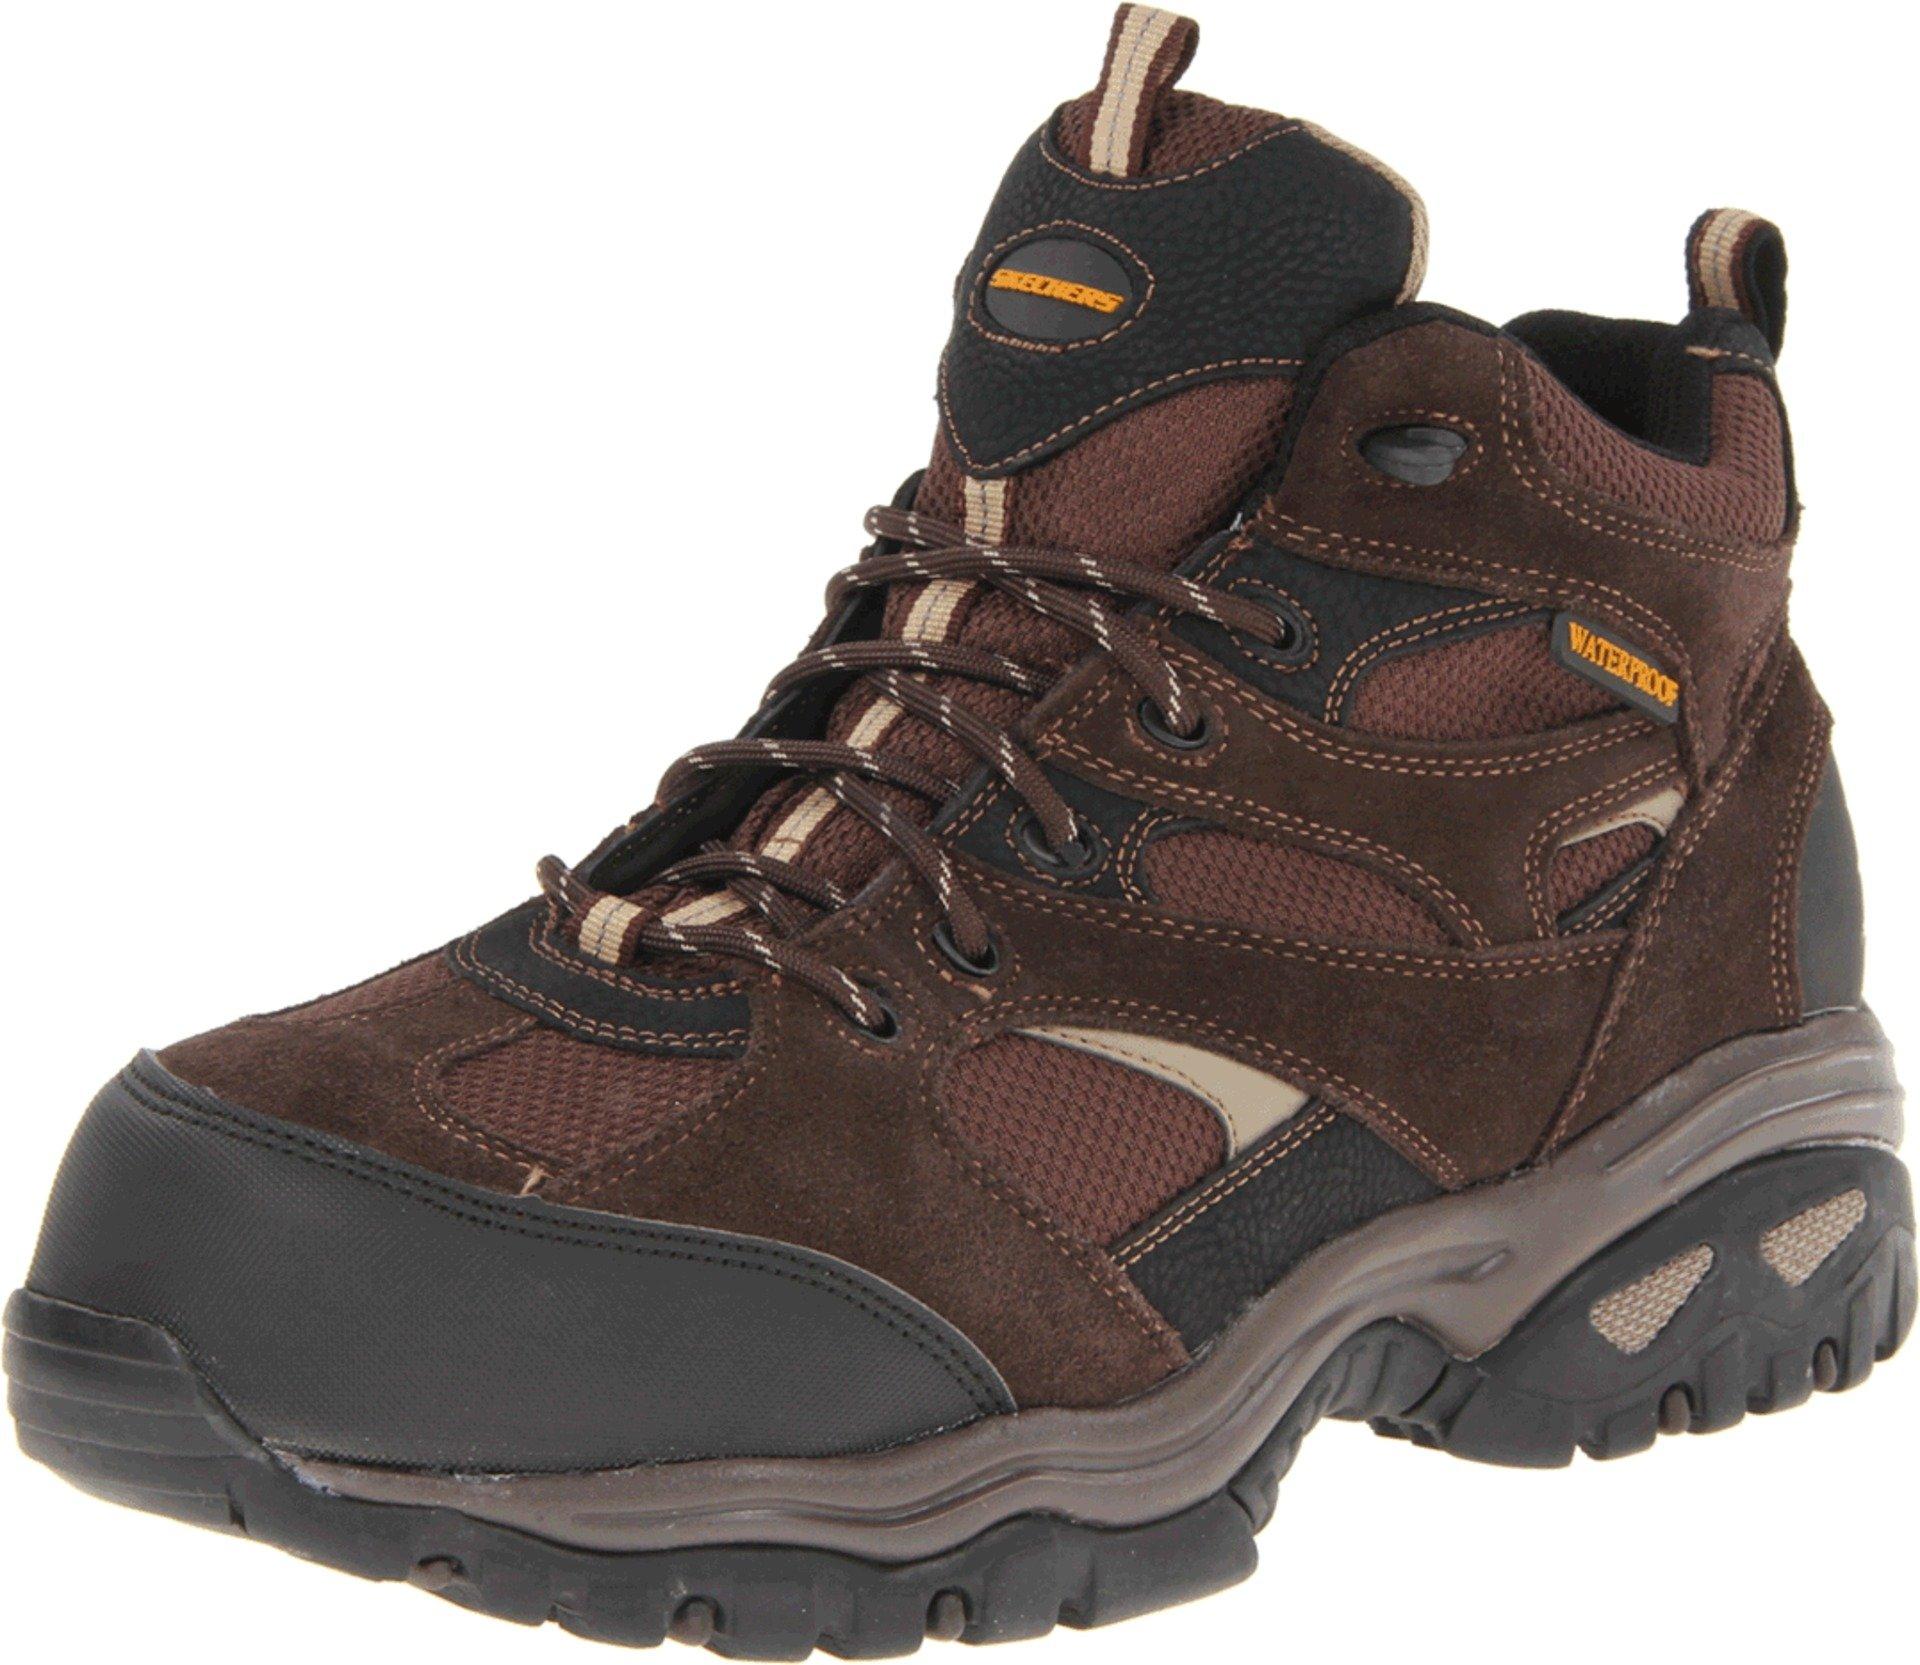 Skechers for Work Men's Clan Boot, Brown, 7 M US